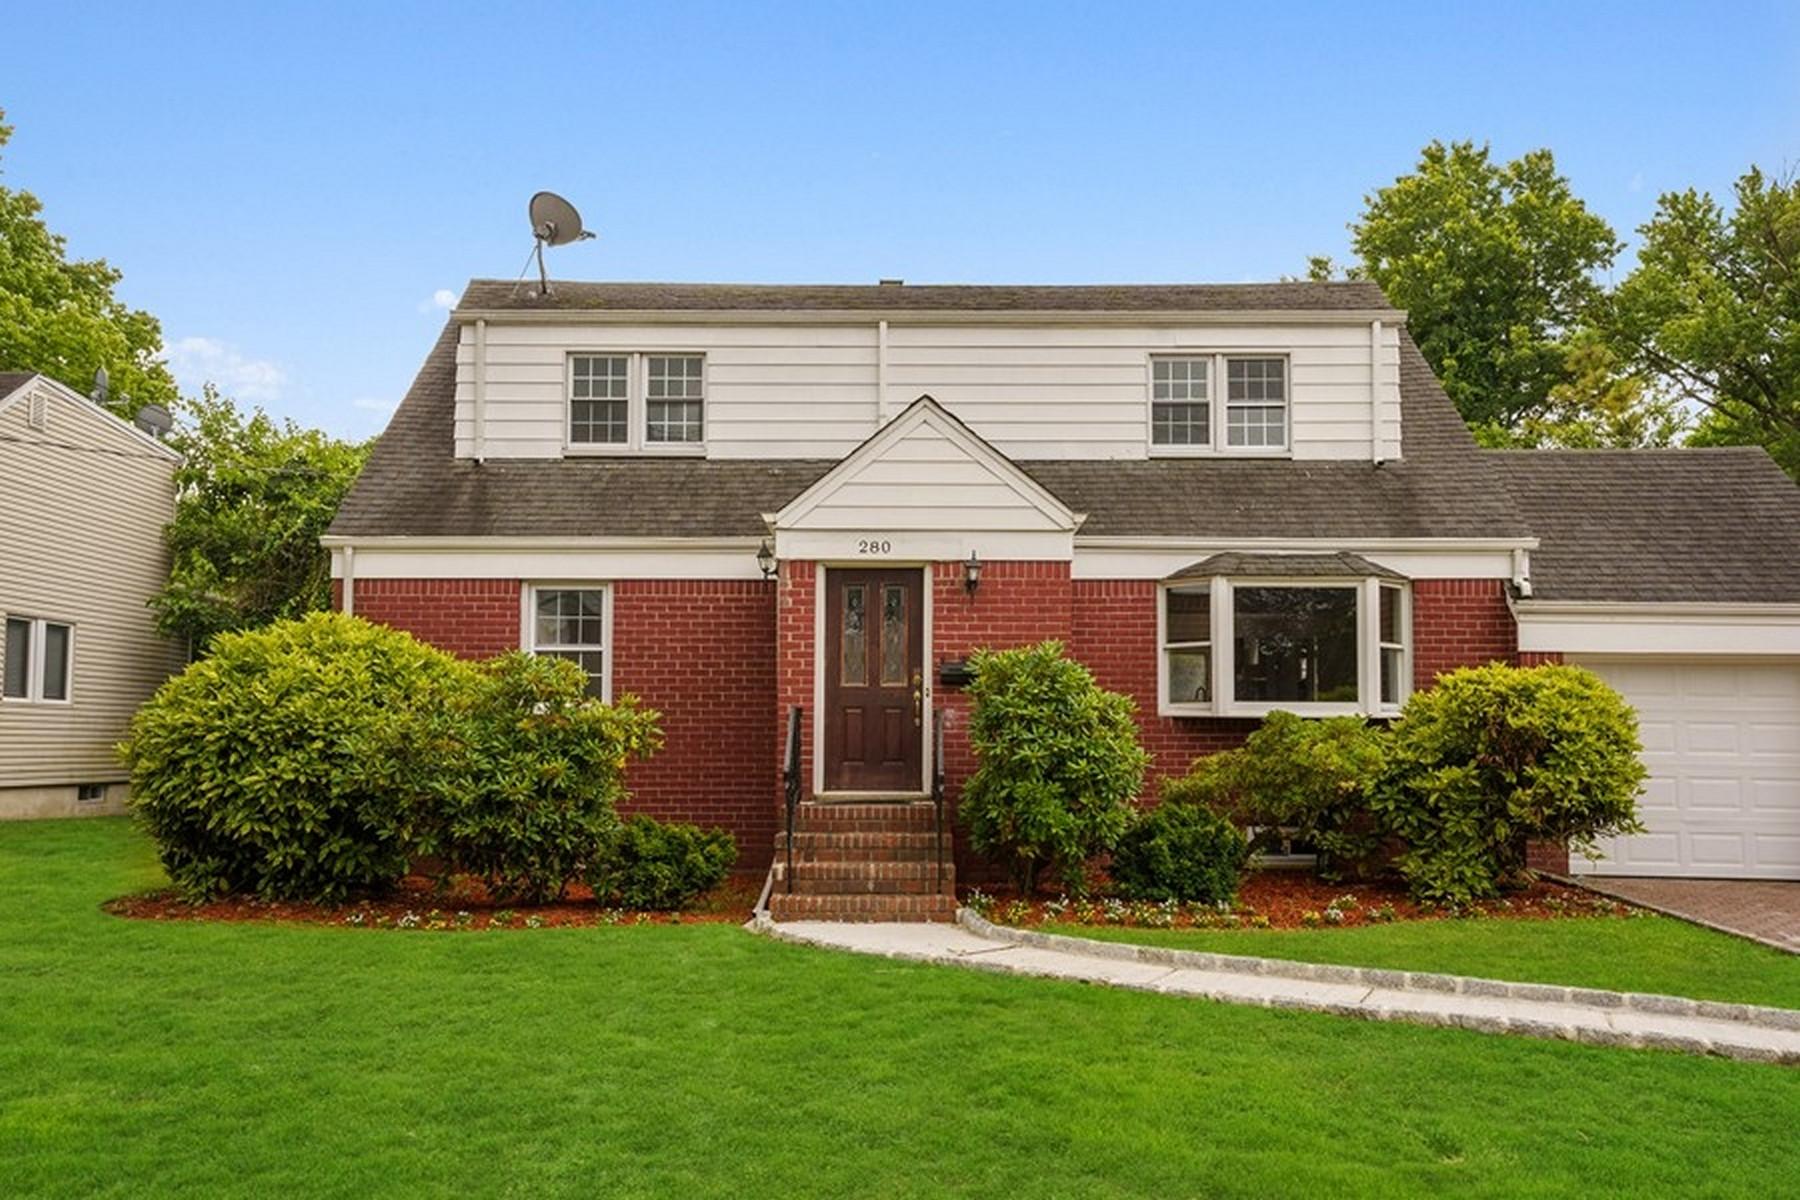 Single Family Homes para Venda às Classic Charm 280 Madison Ave, Cresskill, Nova Jersey 07626 Estados Unidos